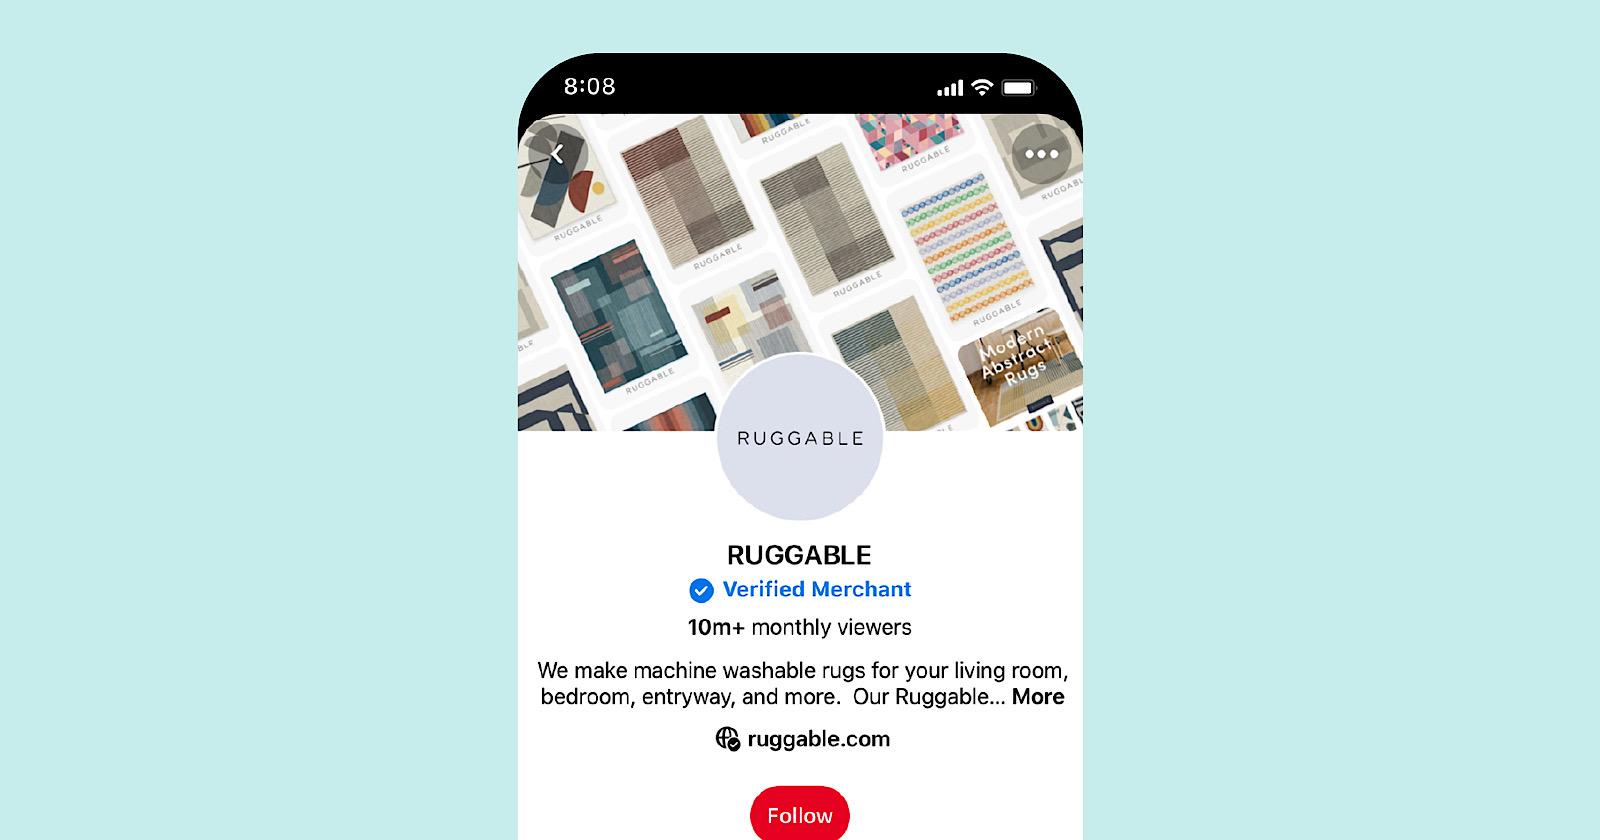 Pinterest Khởi chạy một chương trình thương mại đã được xác minh với các ứng dụng mở cho tất cả mọi người 1